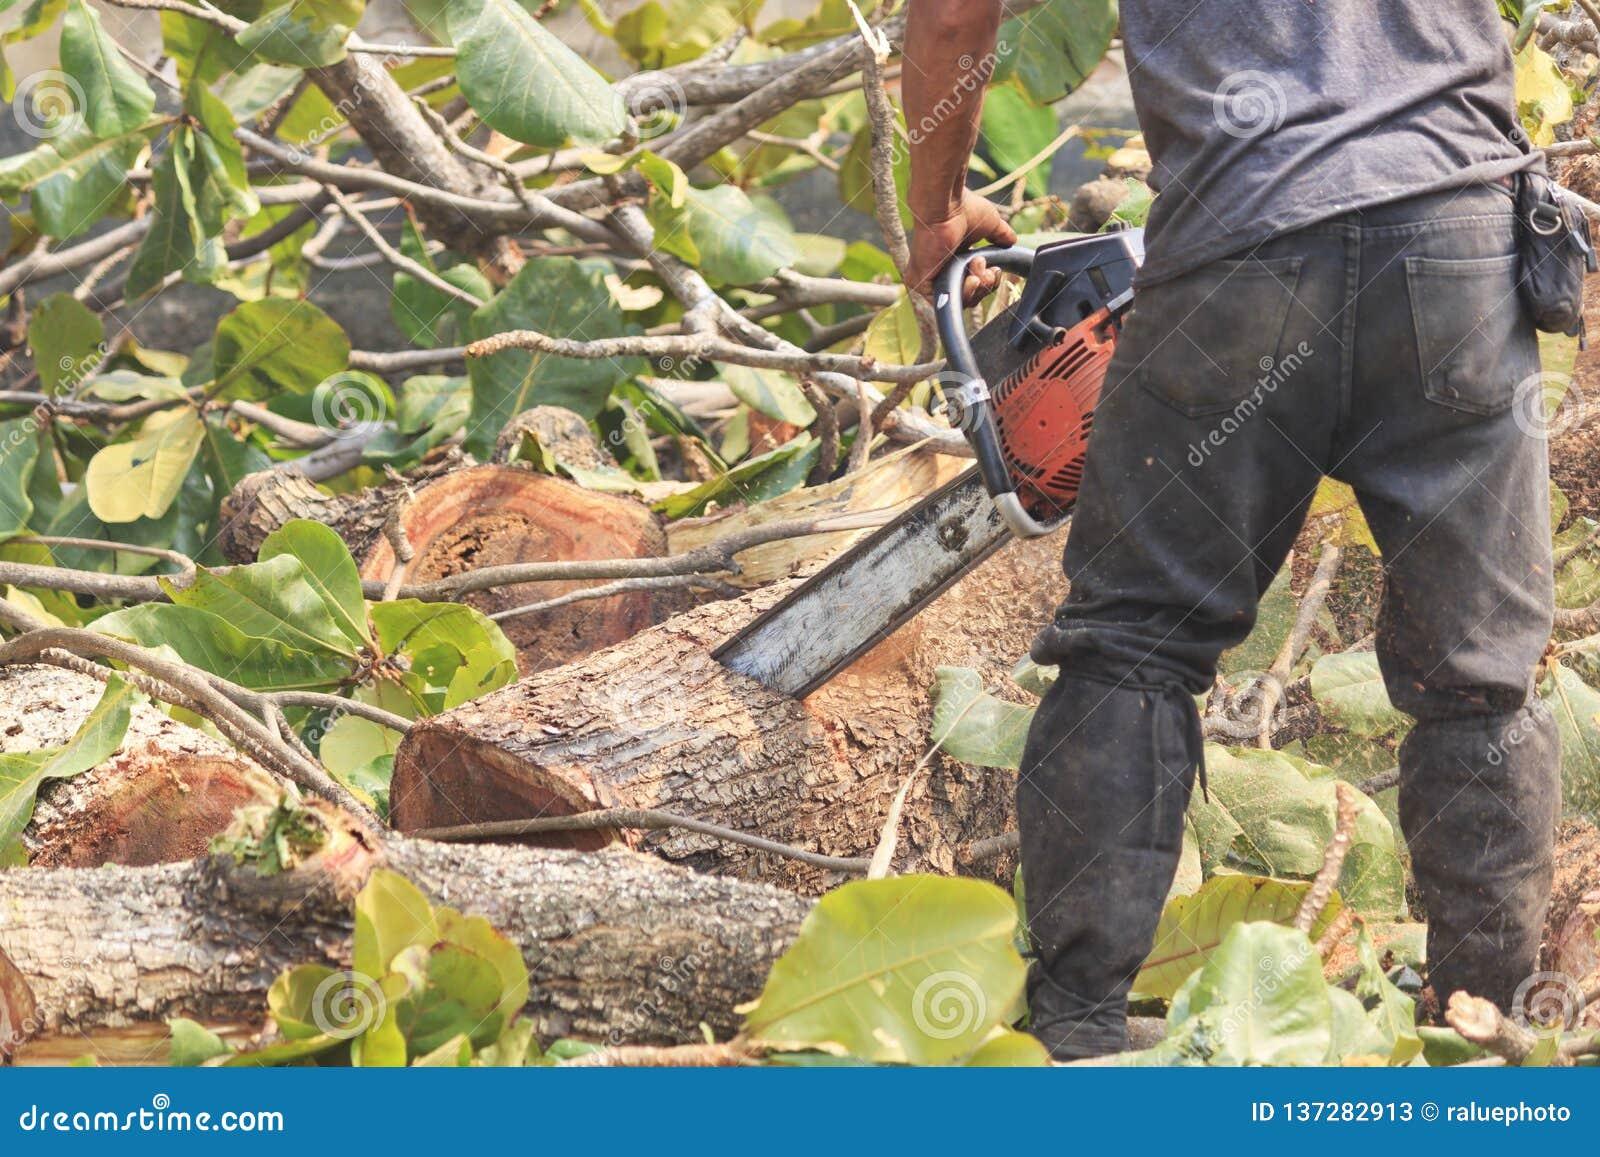 La gente sta tagliando gli alberi con un motore della motosega